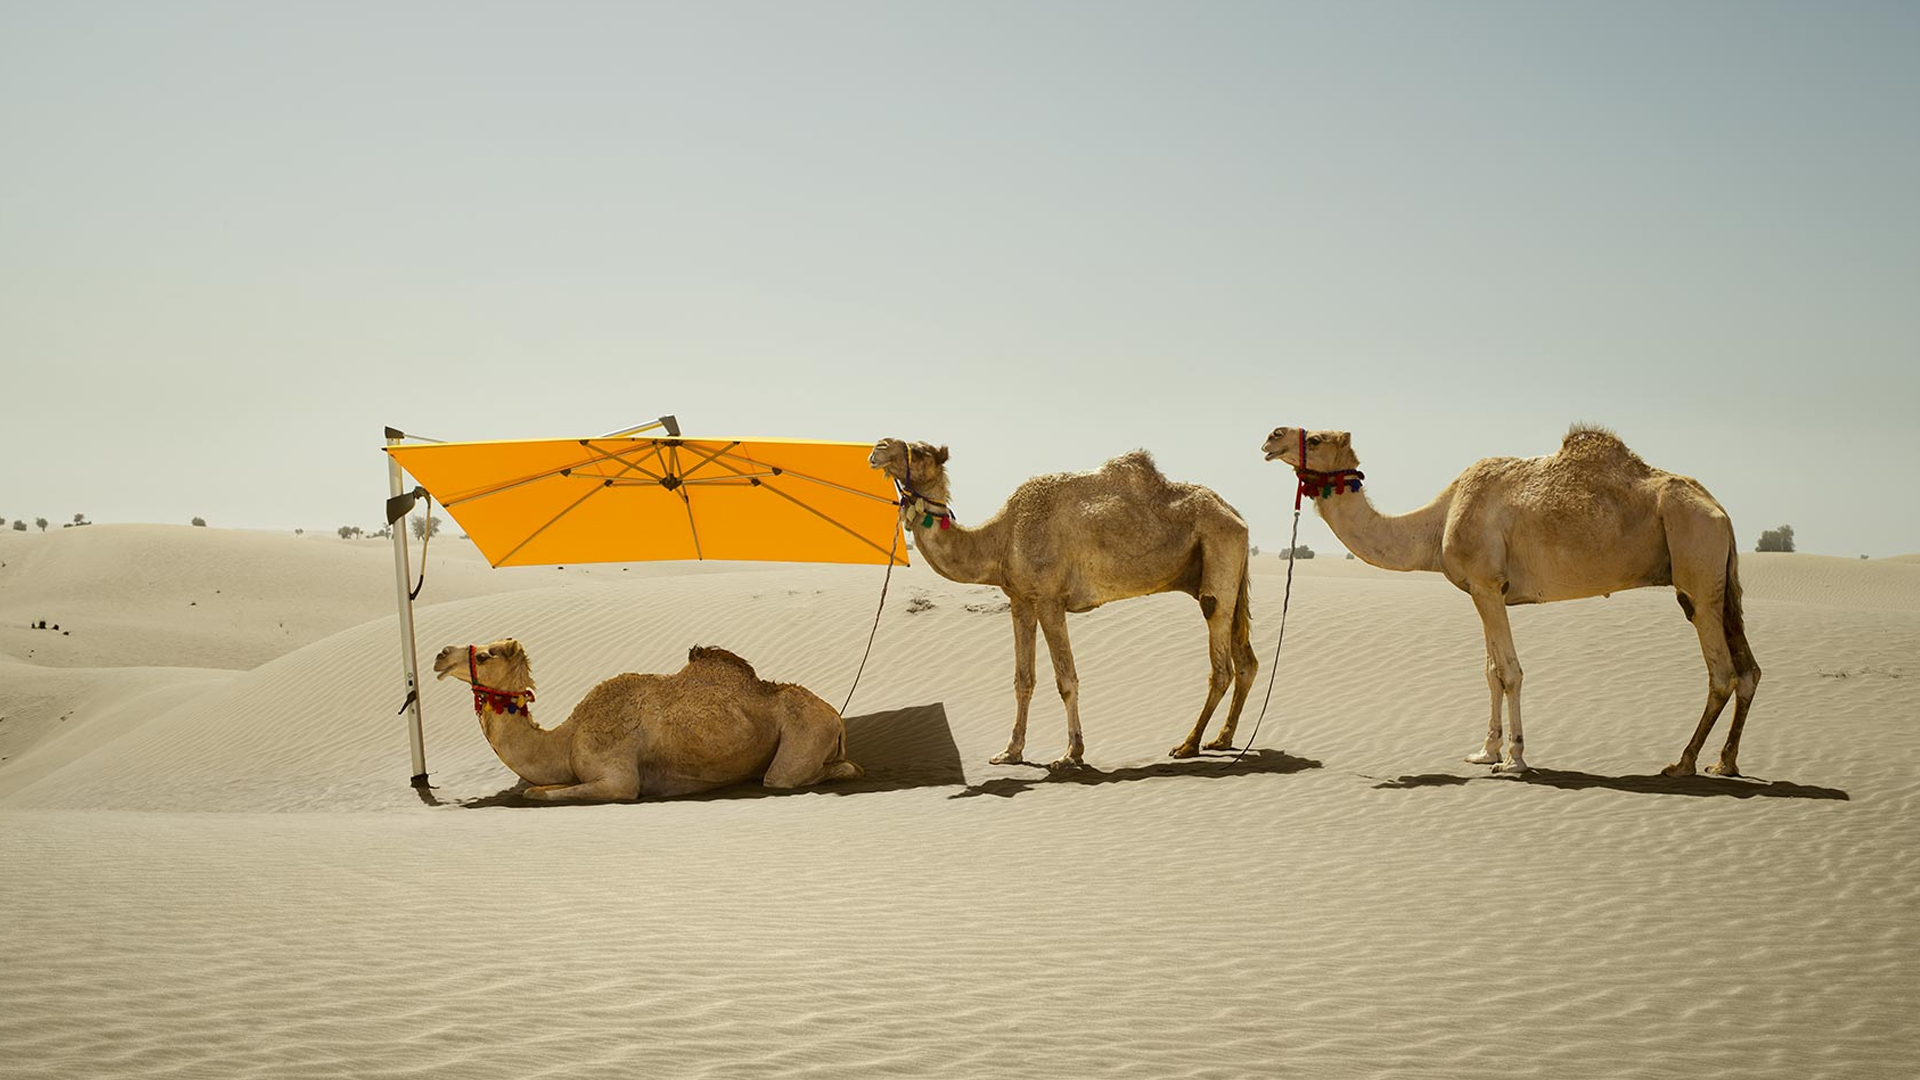 drei Kamele in der Wüste, von denen eins im Schatten unter einem Sombrano Sonnenschirm liegt